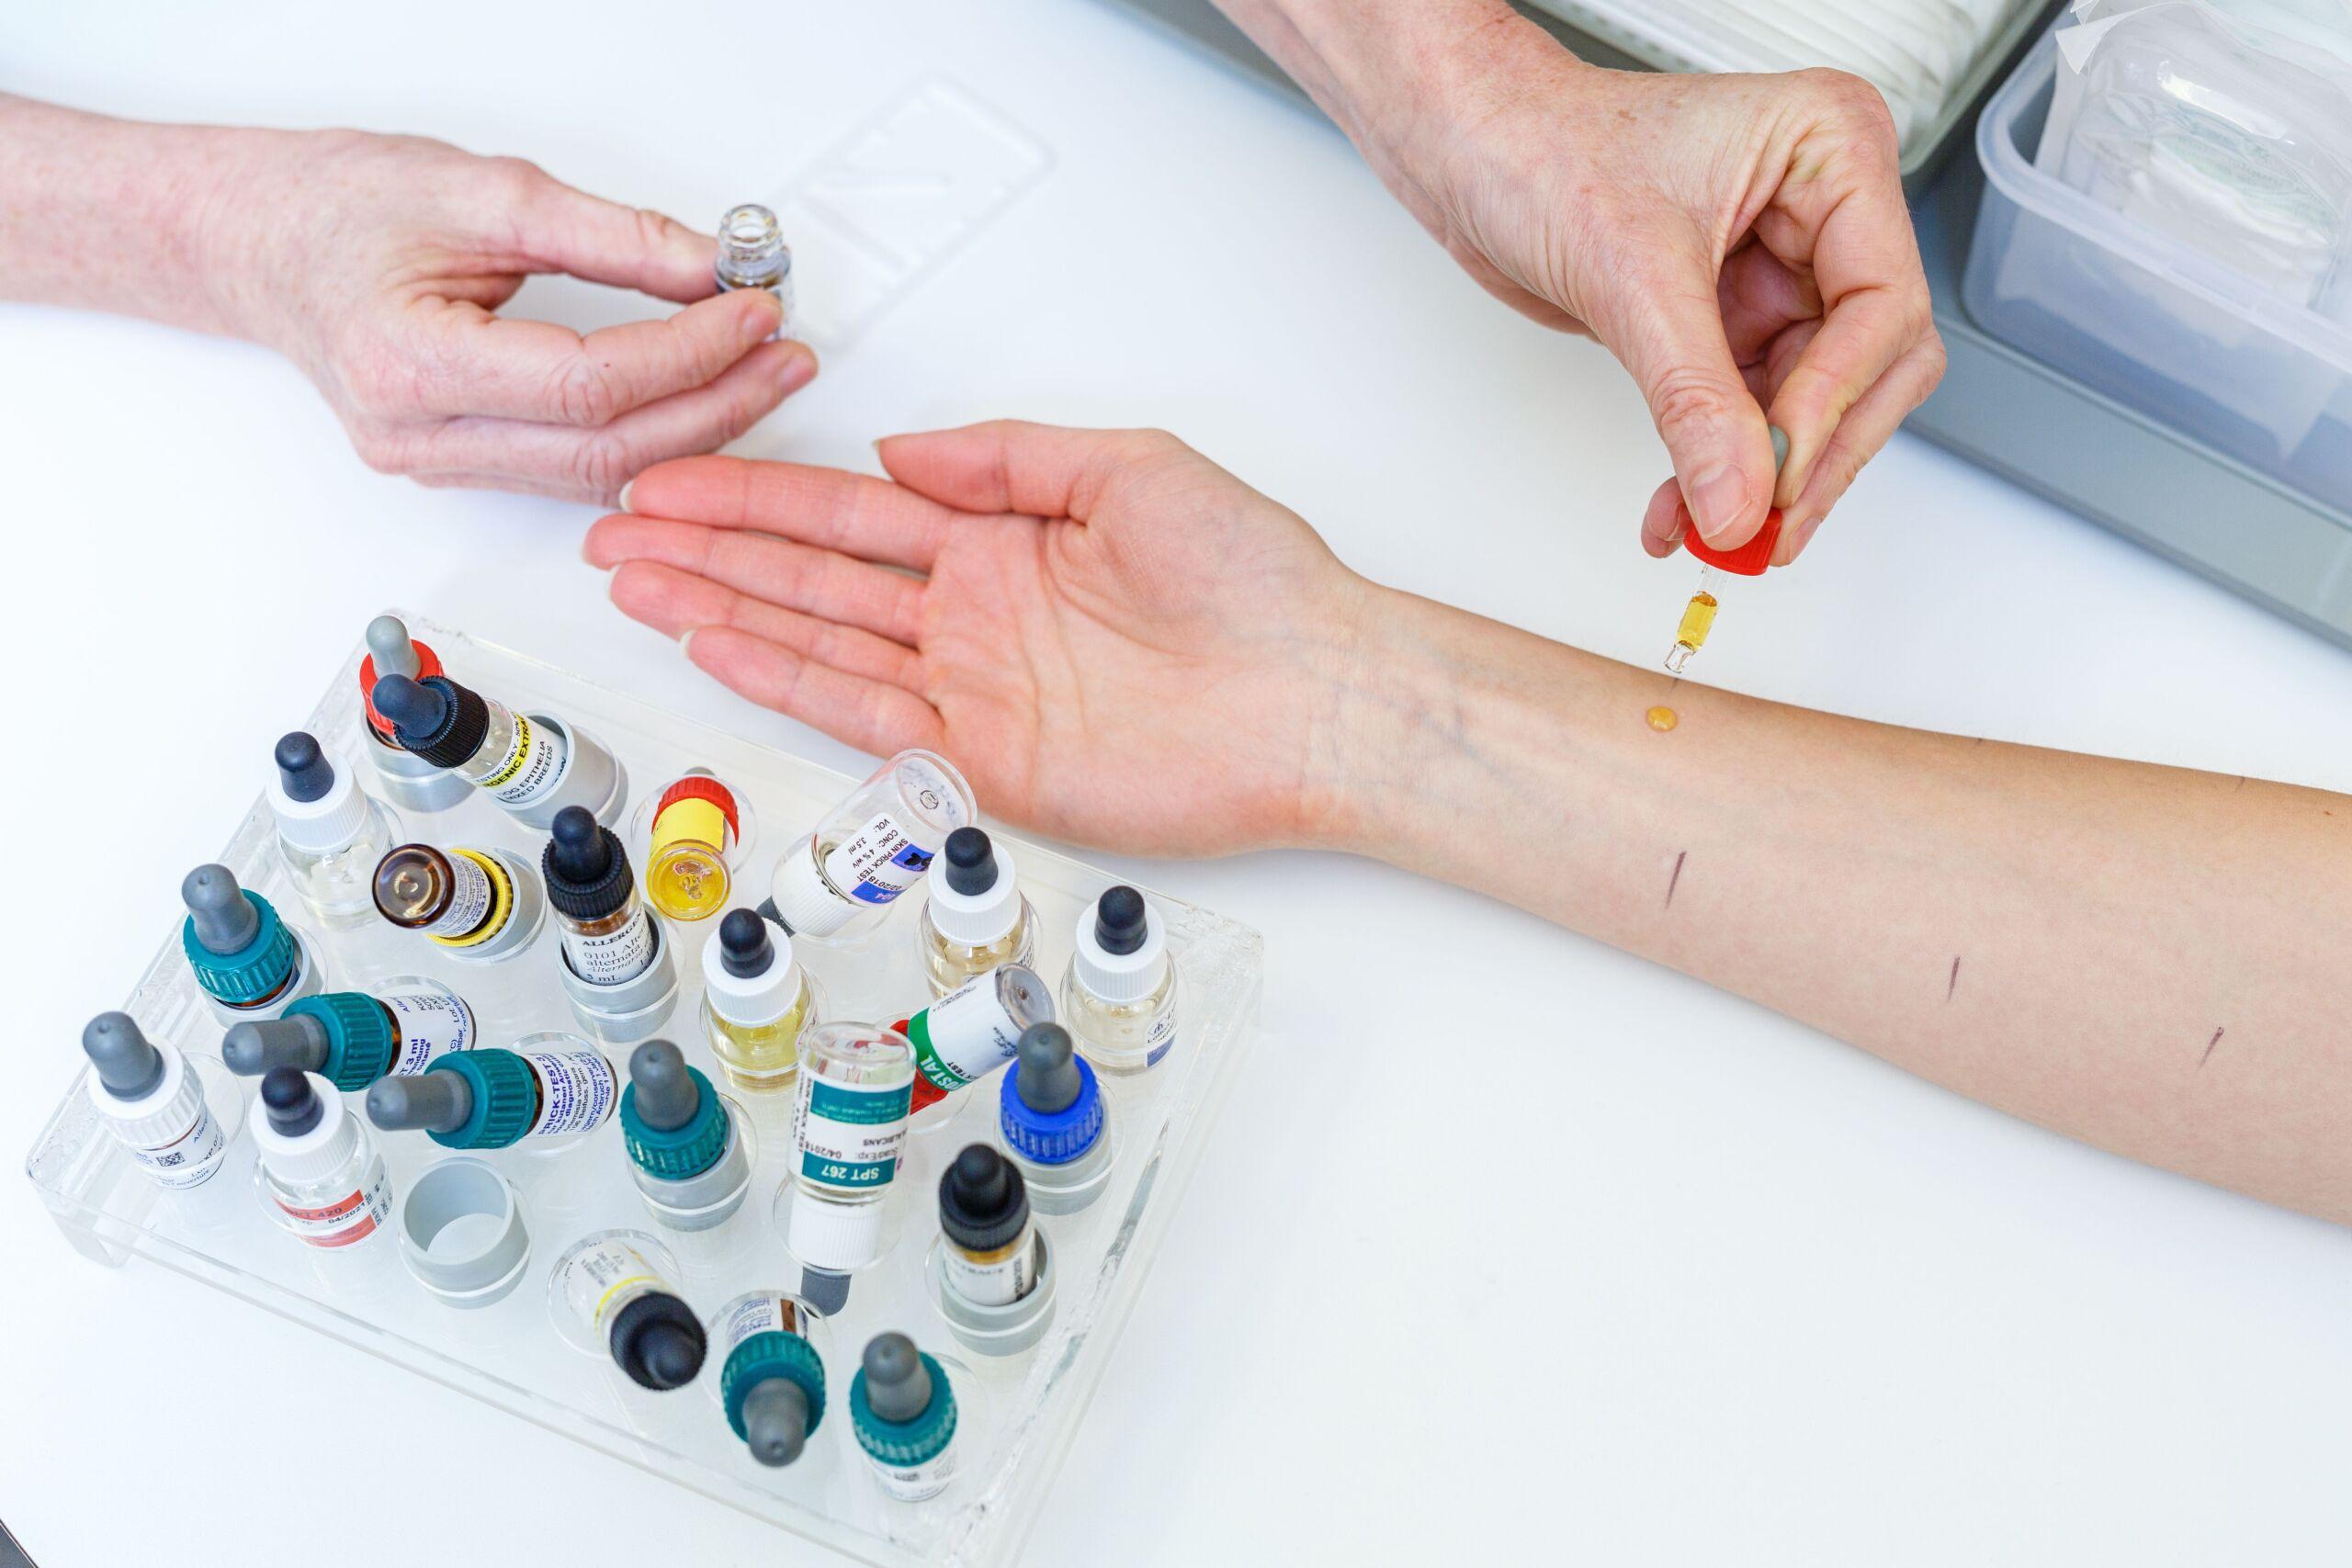 Nahaufnahme eines Arms, an dem gerade ein Allergietest durchgeführt wird